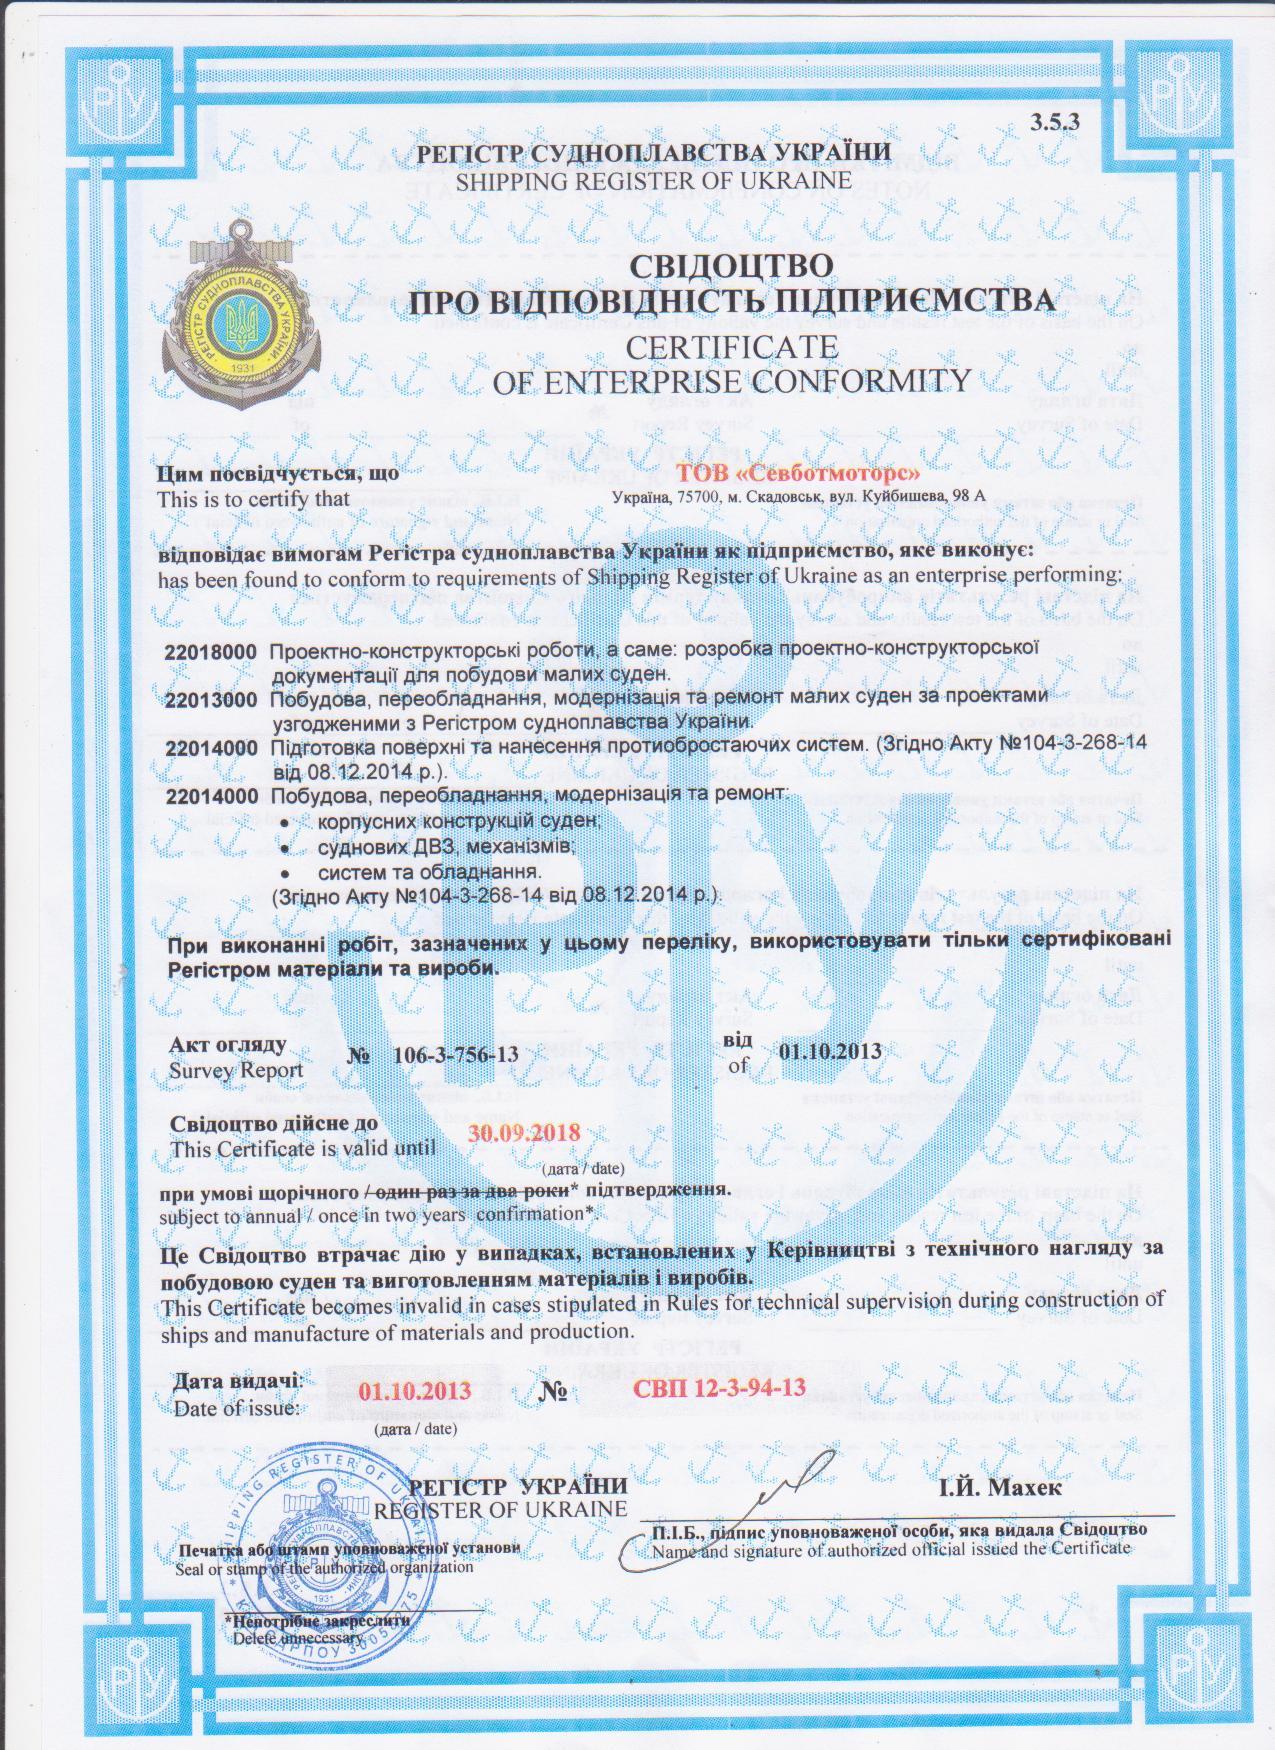 Sevboatmotors Свидетельство регистра Украины